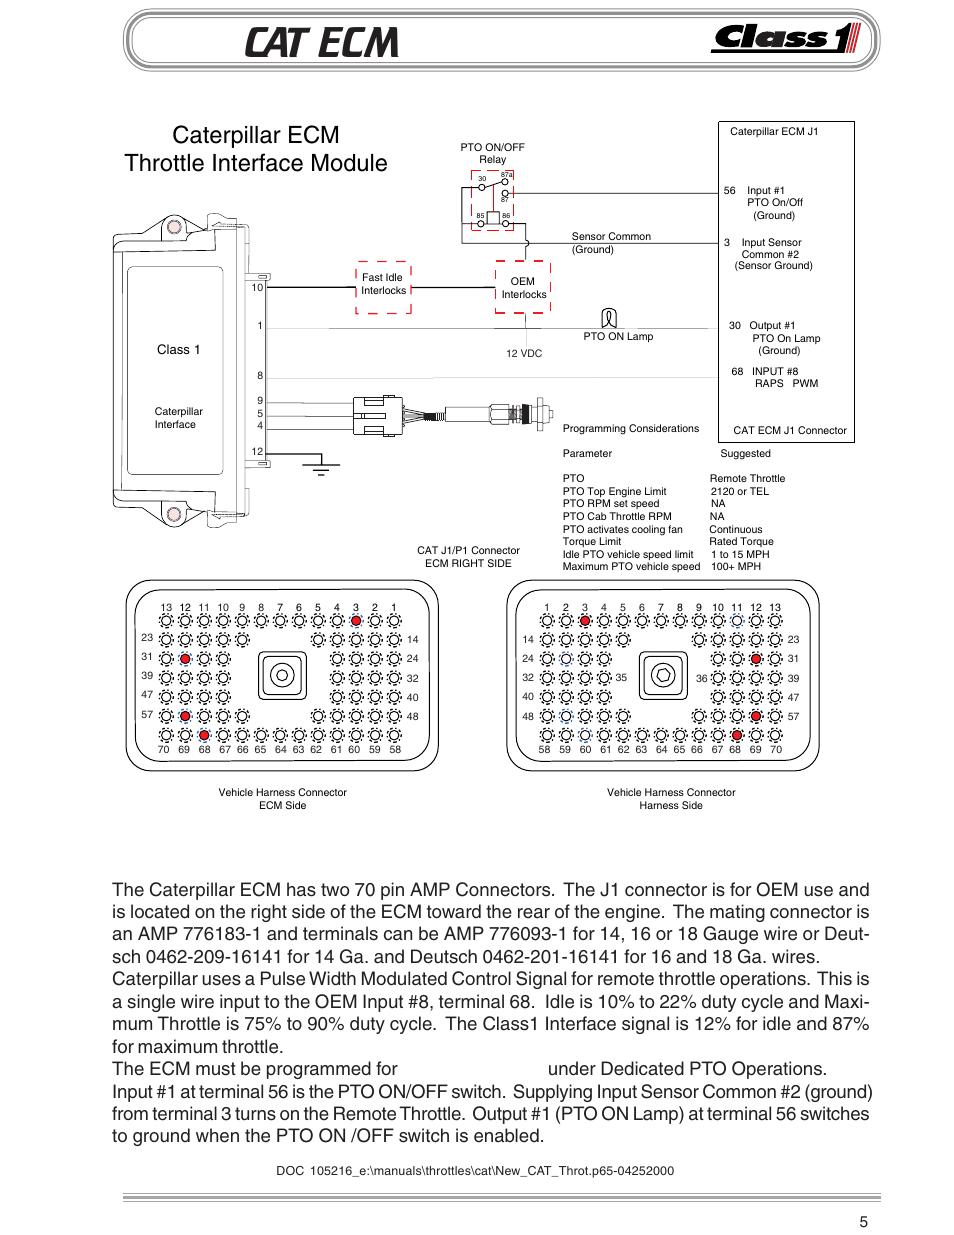 medium resolution of cat ecm caterpillar ecm throttle interface module remote throttle class1 throttle interface cat